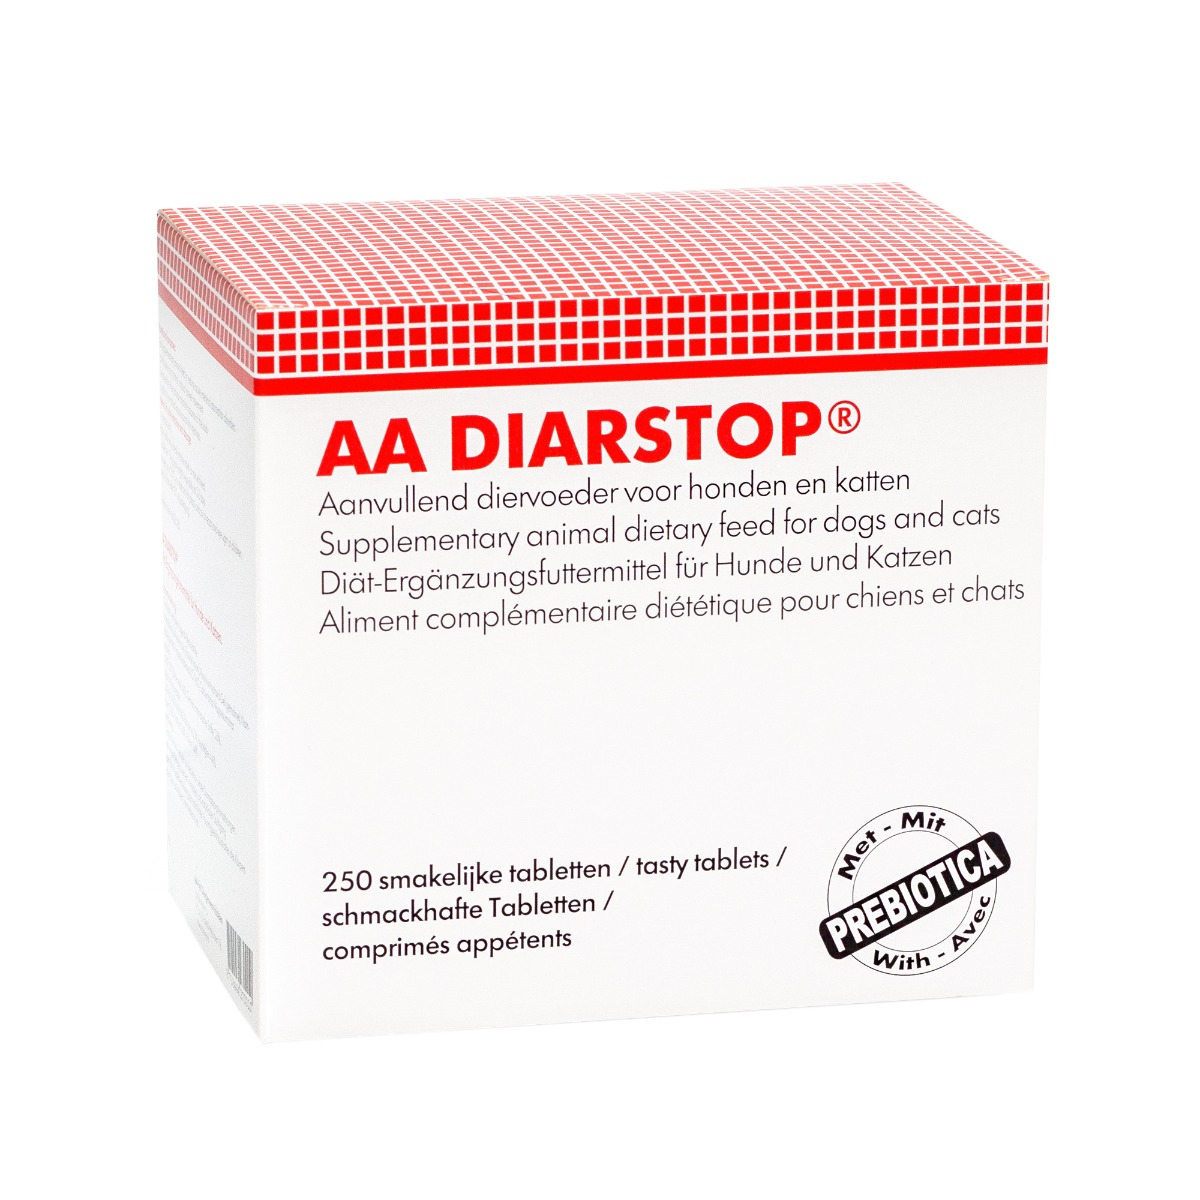 AA Diarstop